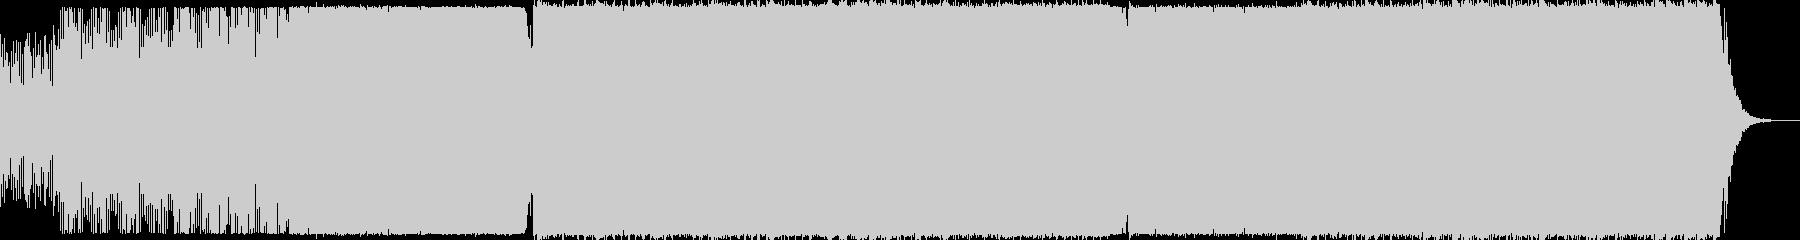 ギターサウンドで前向きなイメージの曲の未再生の波形